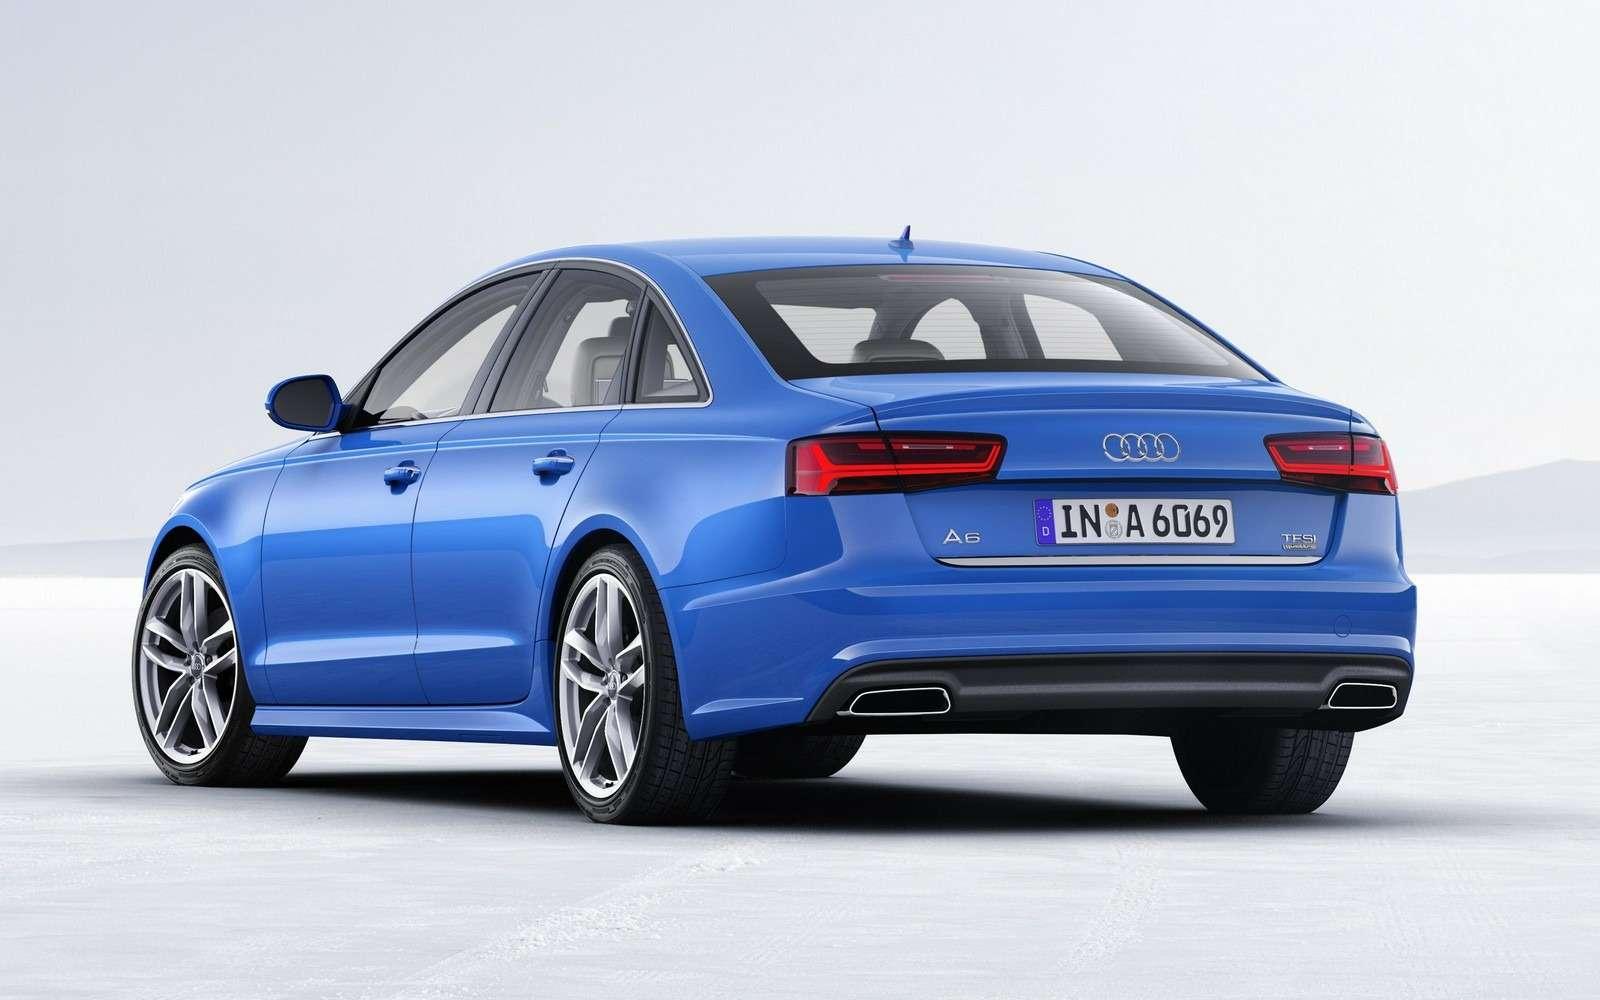 Обновленное семейство Audi A6/A7 хочет понравиться гаджетоманам— фото 579079